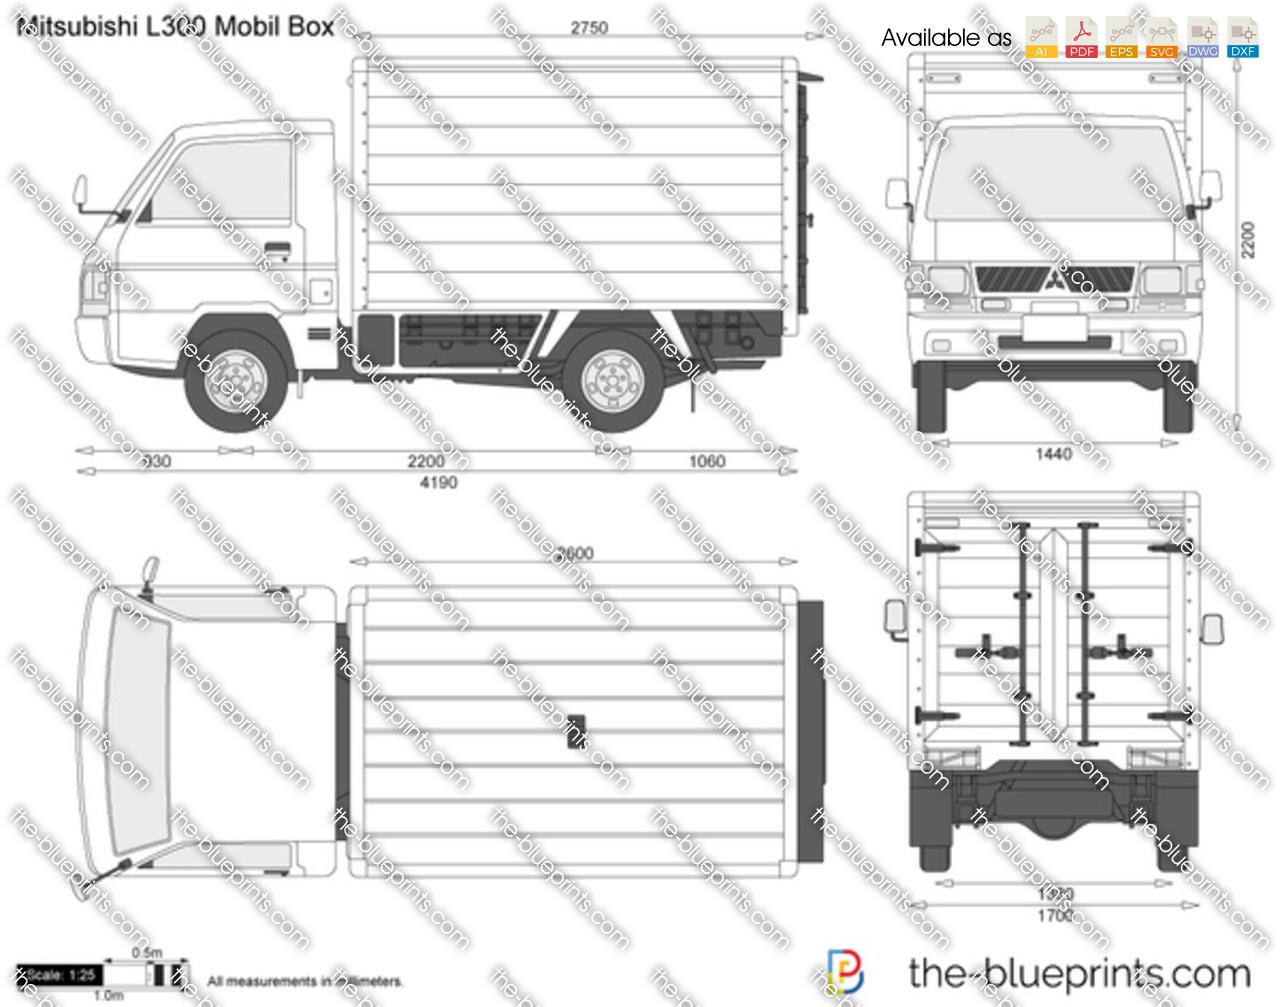 Mitsubishi L300 Mobil Box Vector Drawing